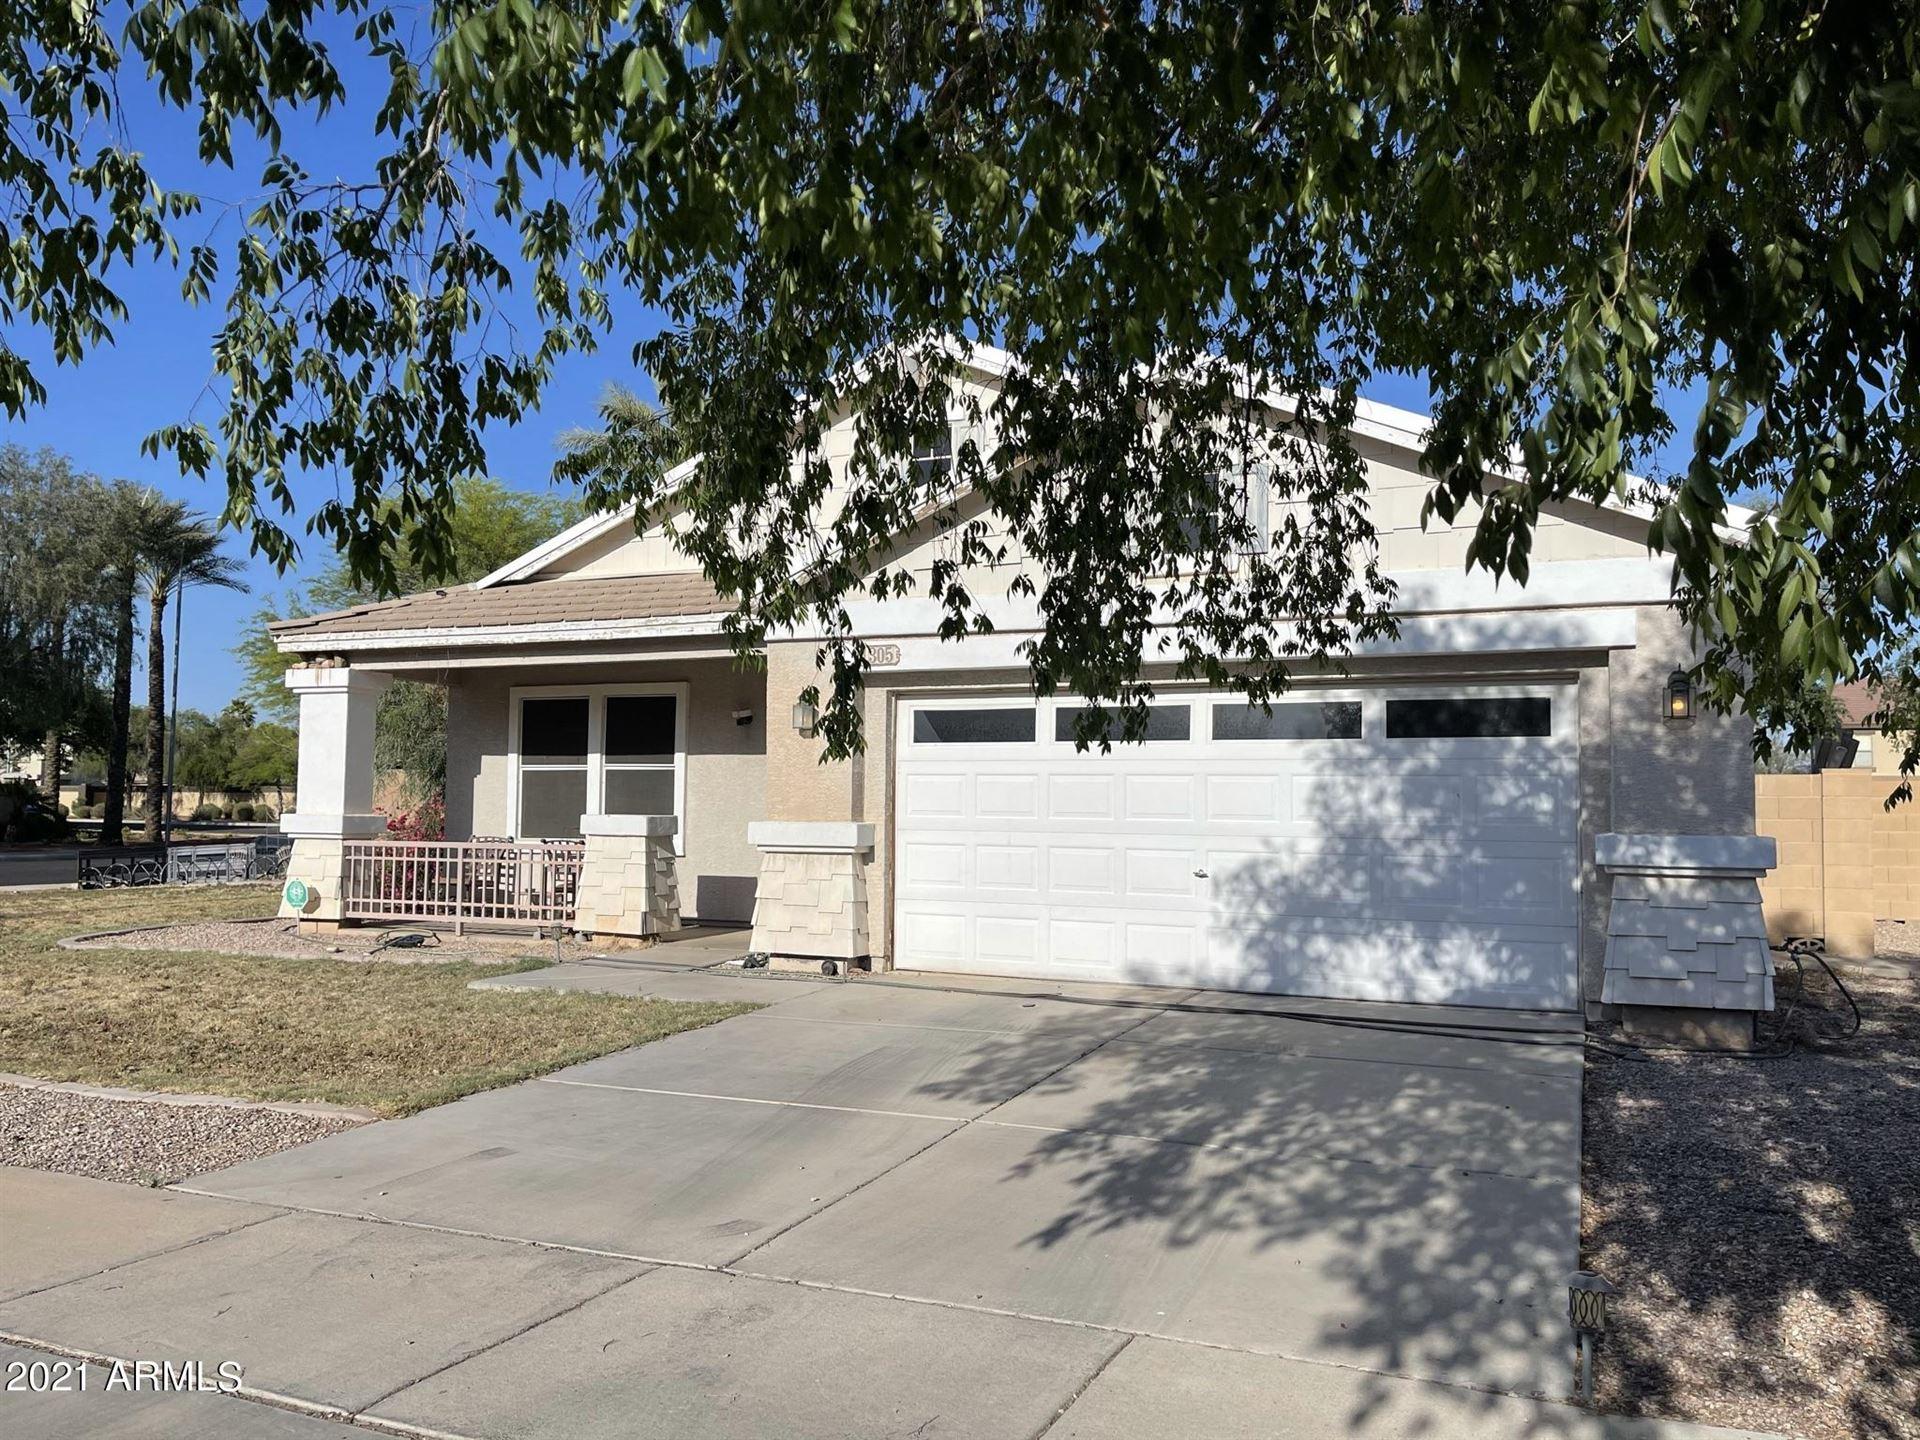 1305 S 119TH Drive, Avondale, AZ 85323 - MLS#: 6225730